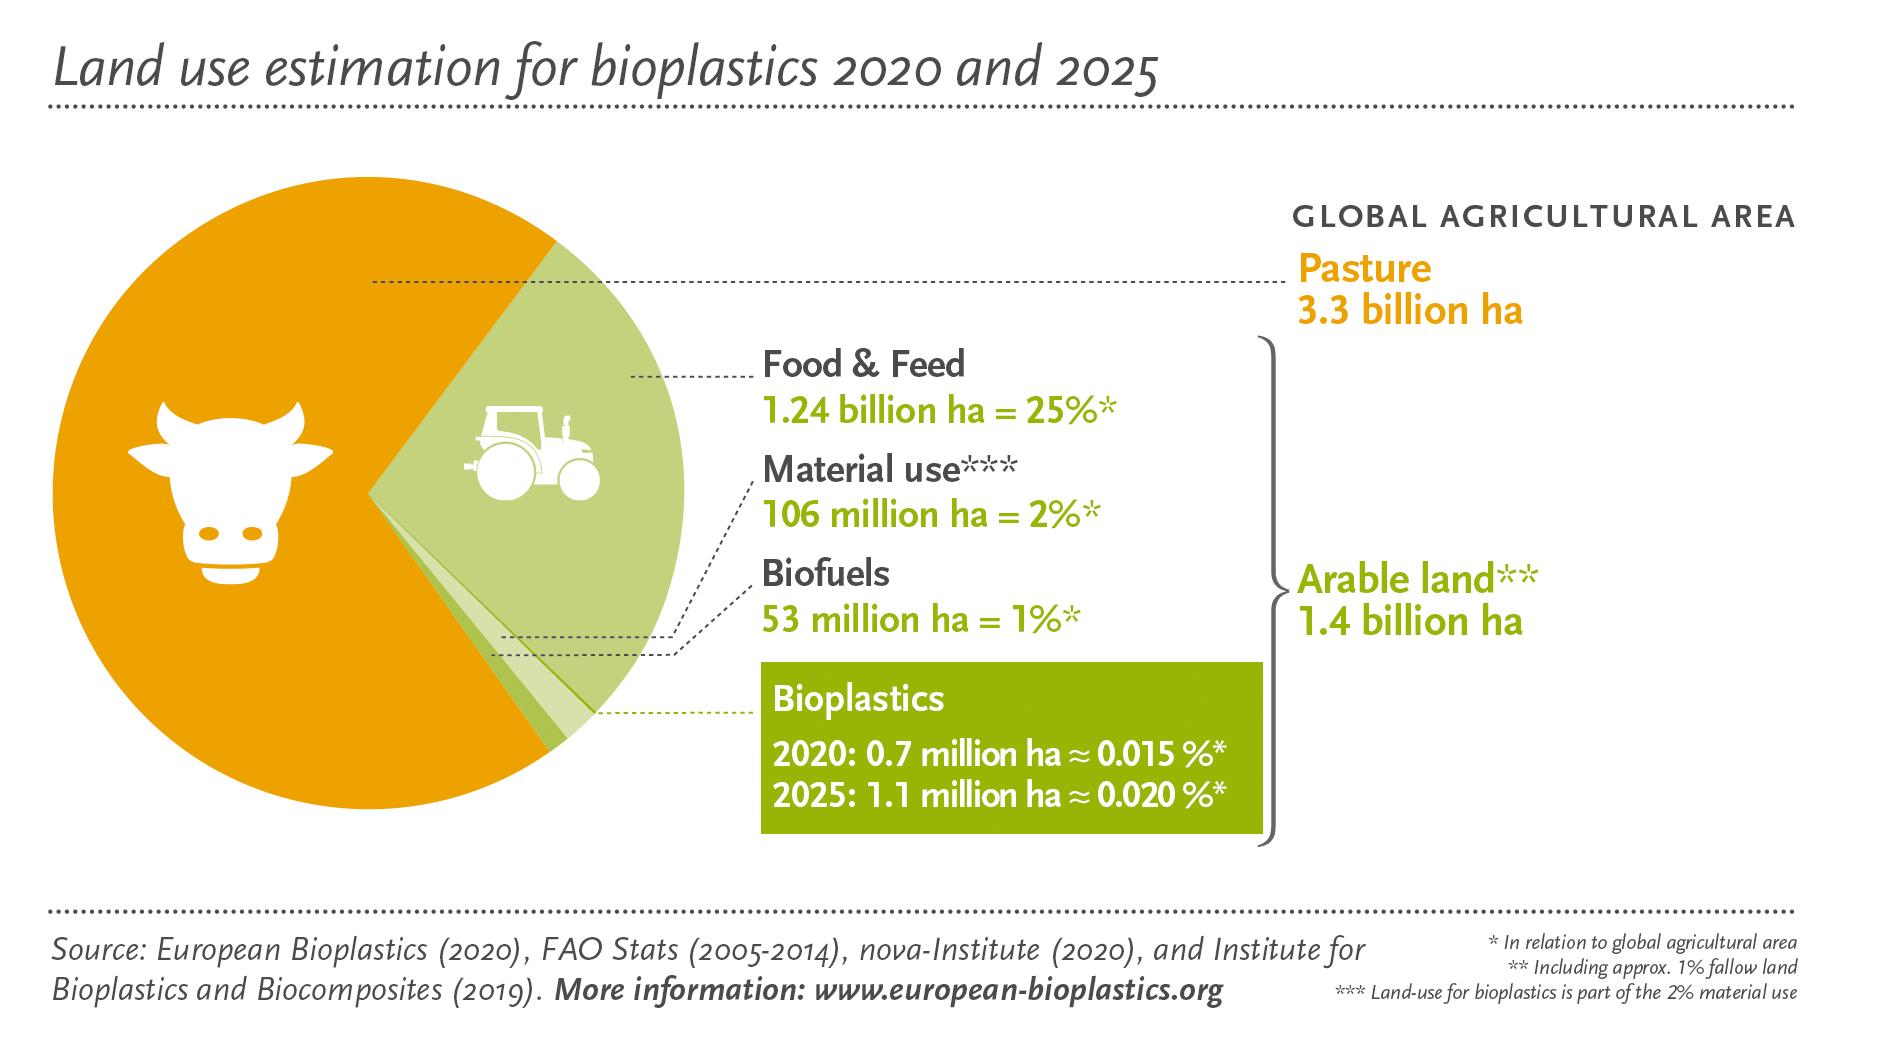 uso-tierra-harable-para-produccion-bioplasticos